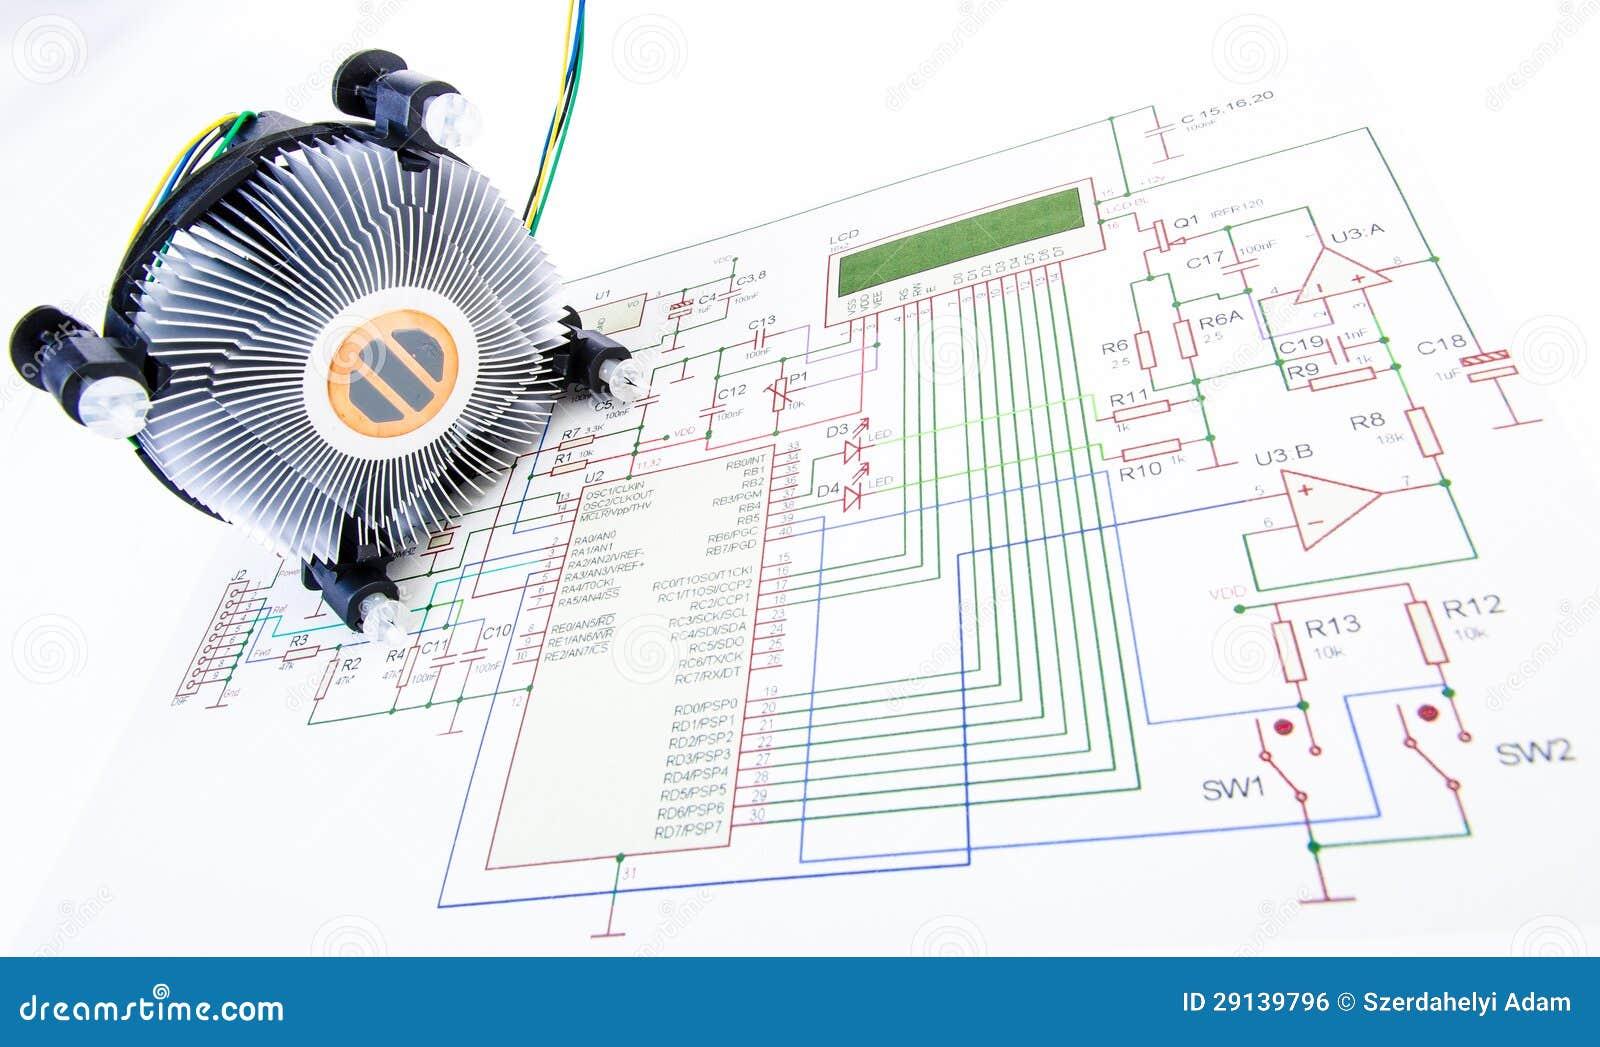 Charmant 2 Takt Motordraht Diagramm Zeitgenössisch - Schaltplan ...